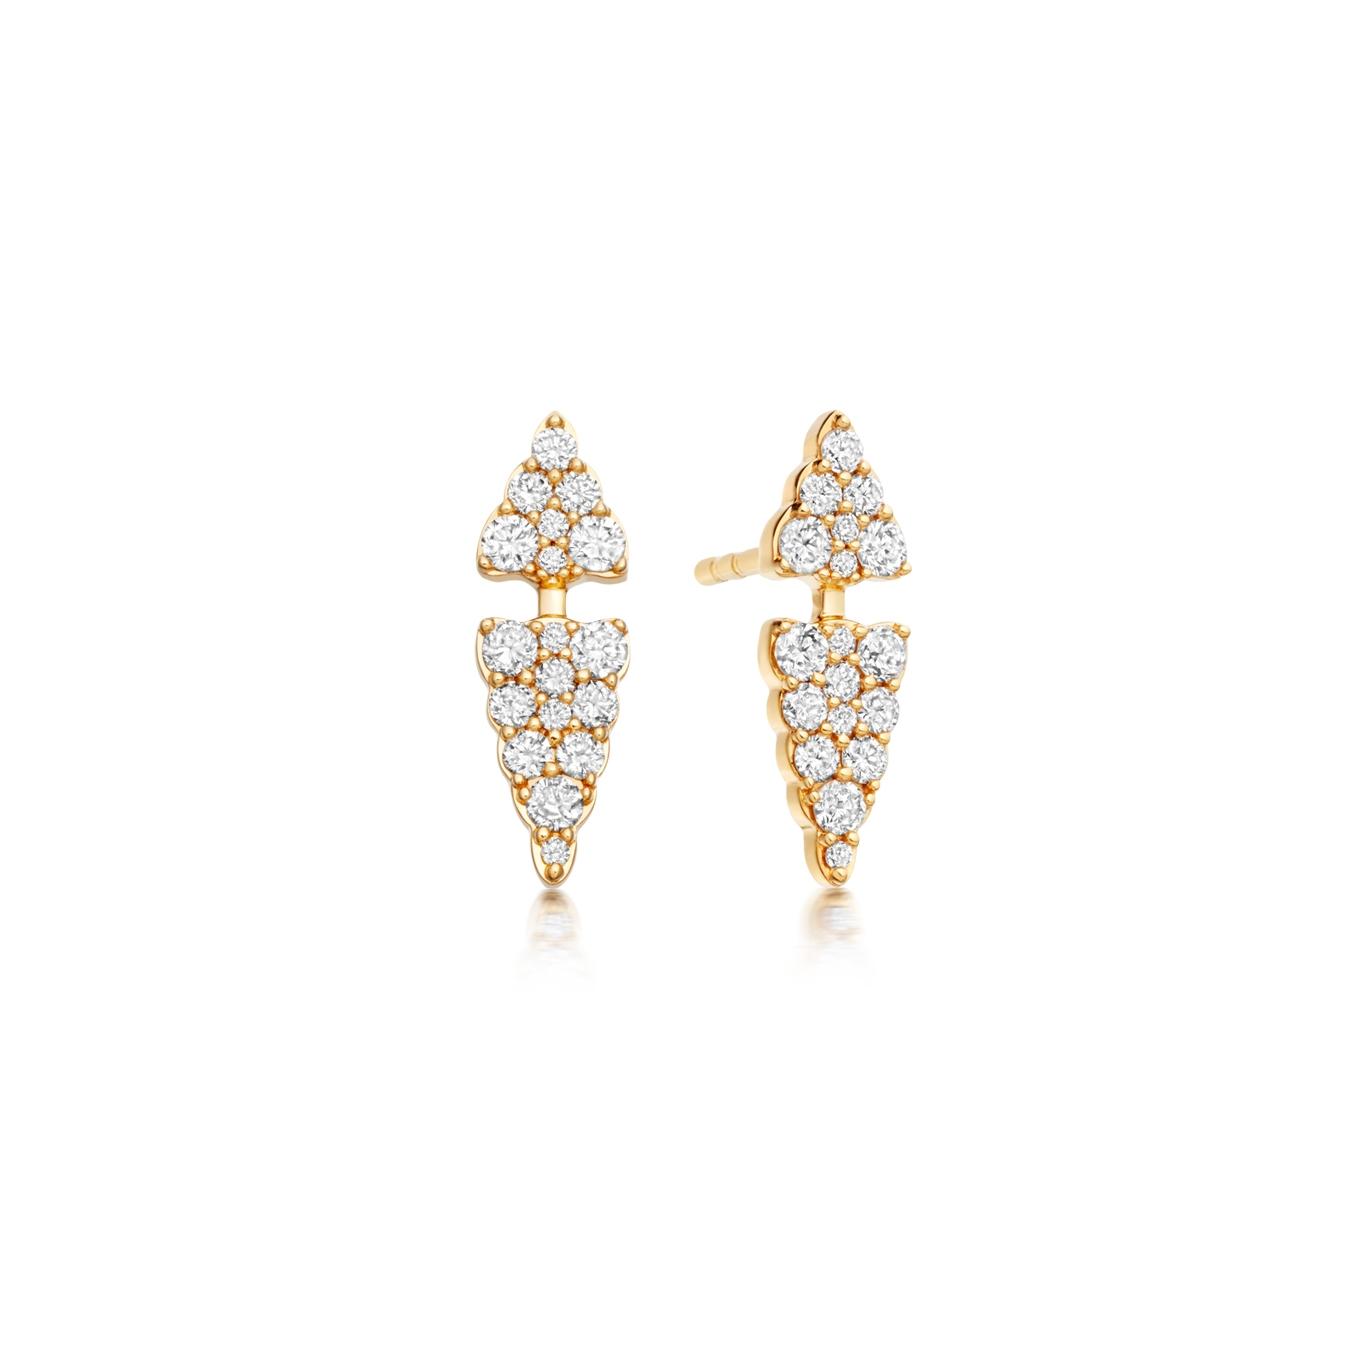 Interstellar Stud Earrings